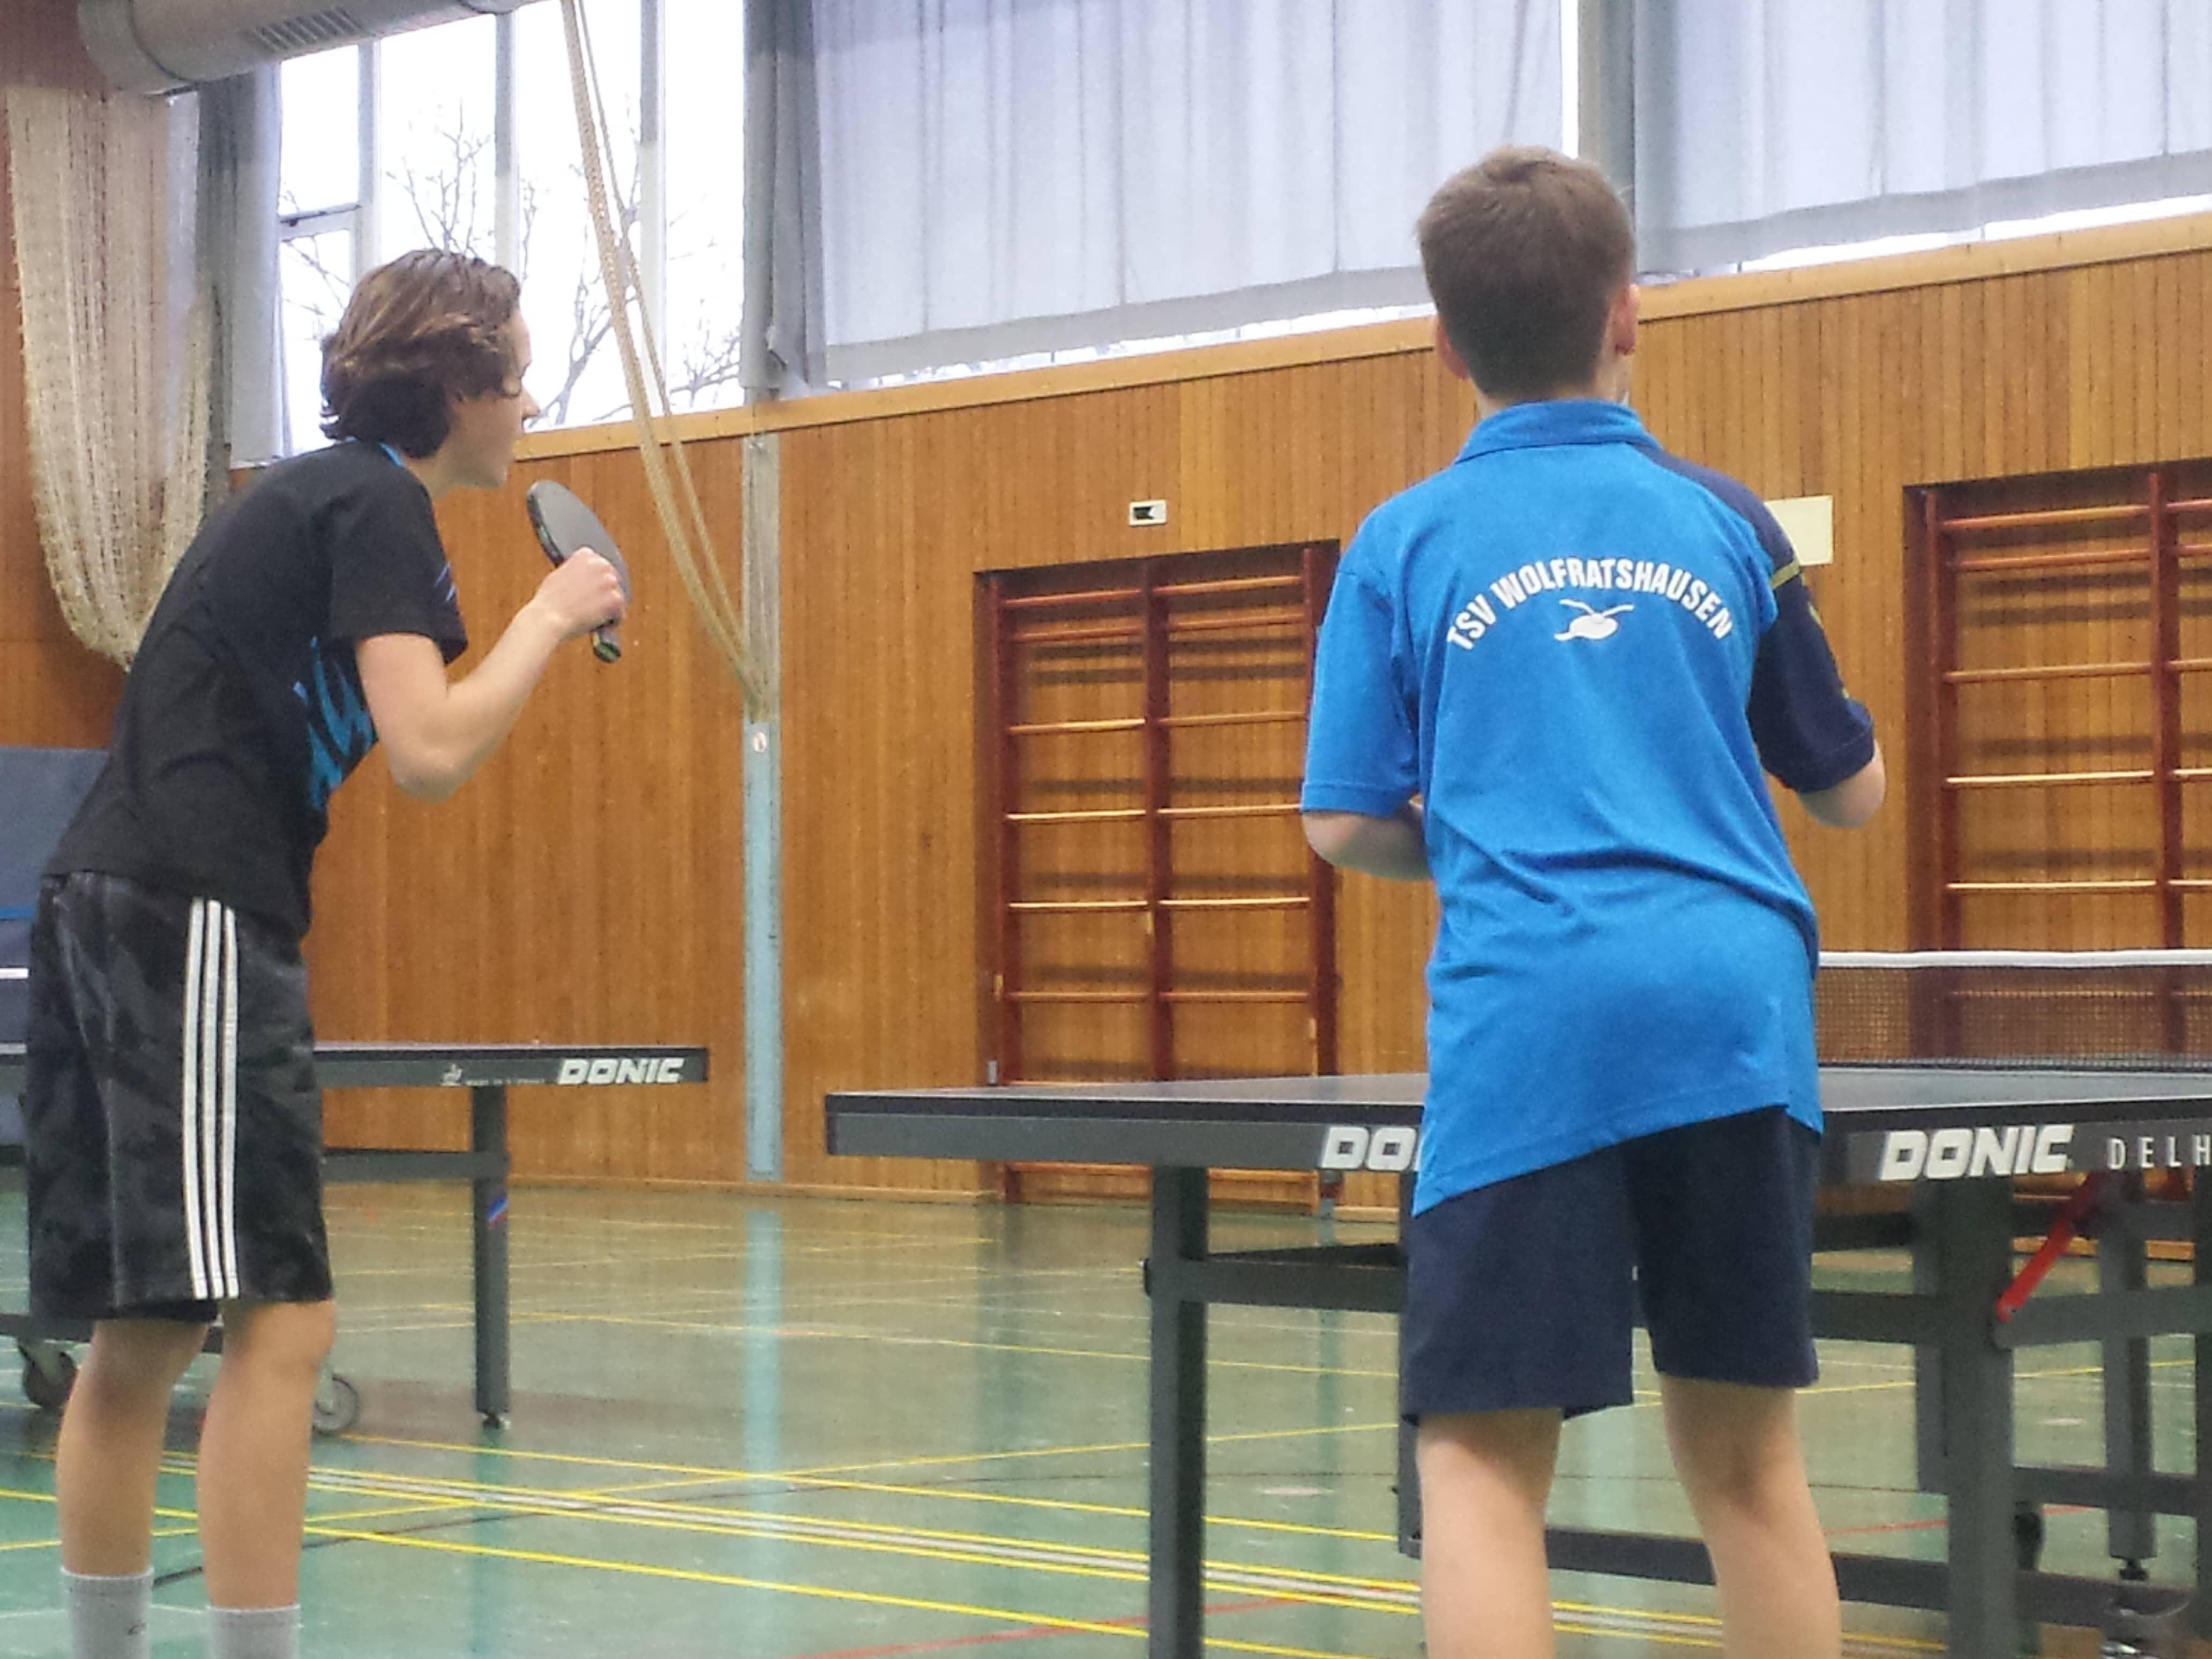 Tischtennis Jugendtraining vorübergehend eingestellt